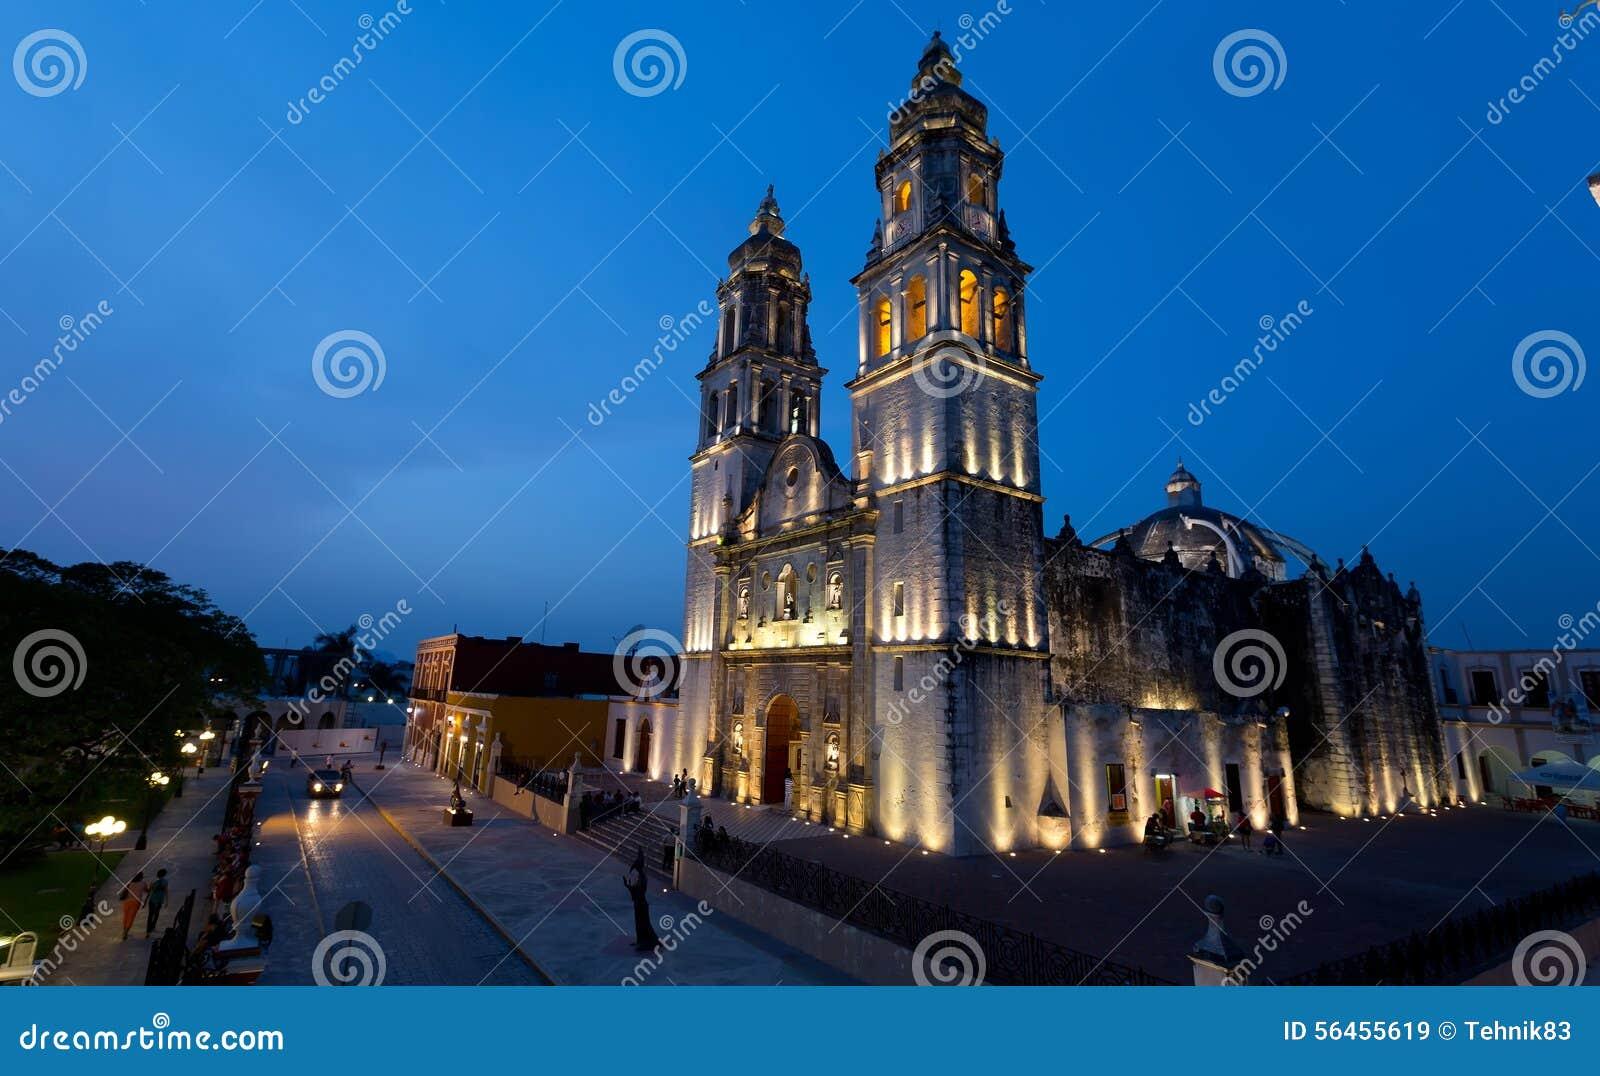 CAMPECHE, MEXIKO - JUNI 30,2014: Nachtansicht des Hauptplatzes und der Kathedrale in Campeche